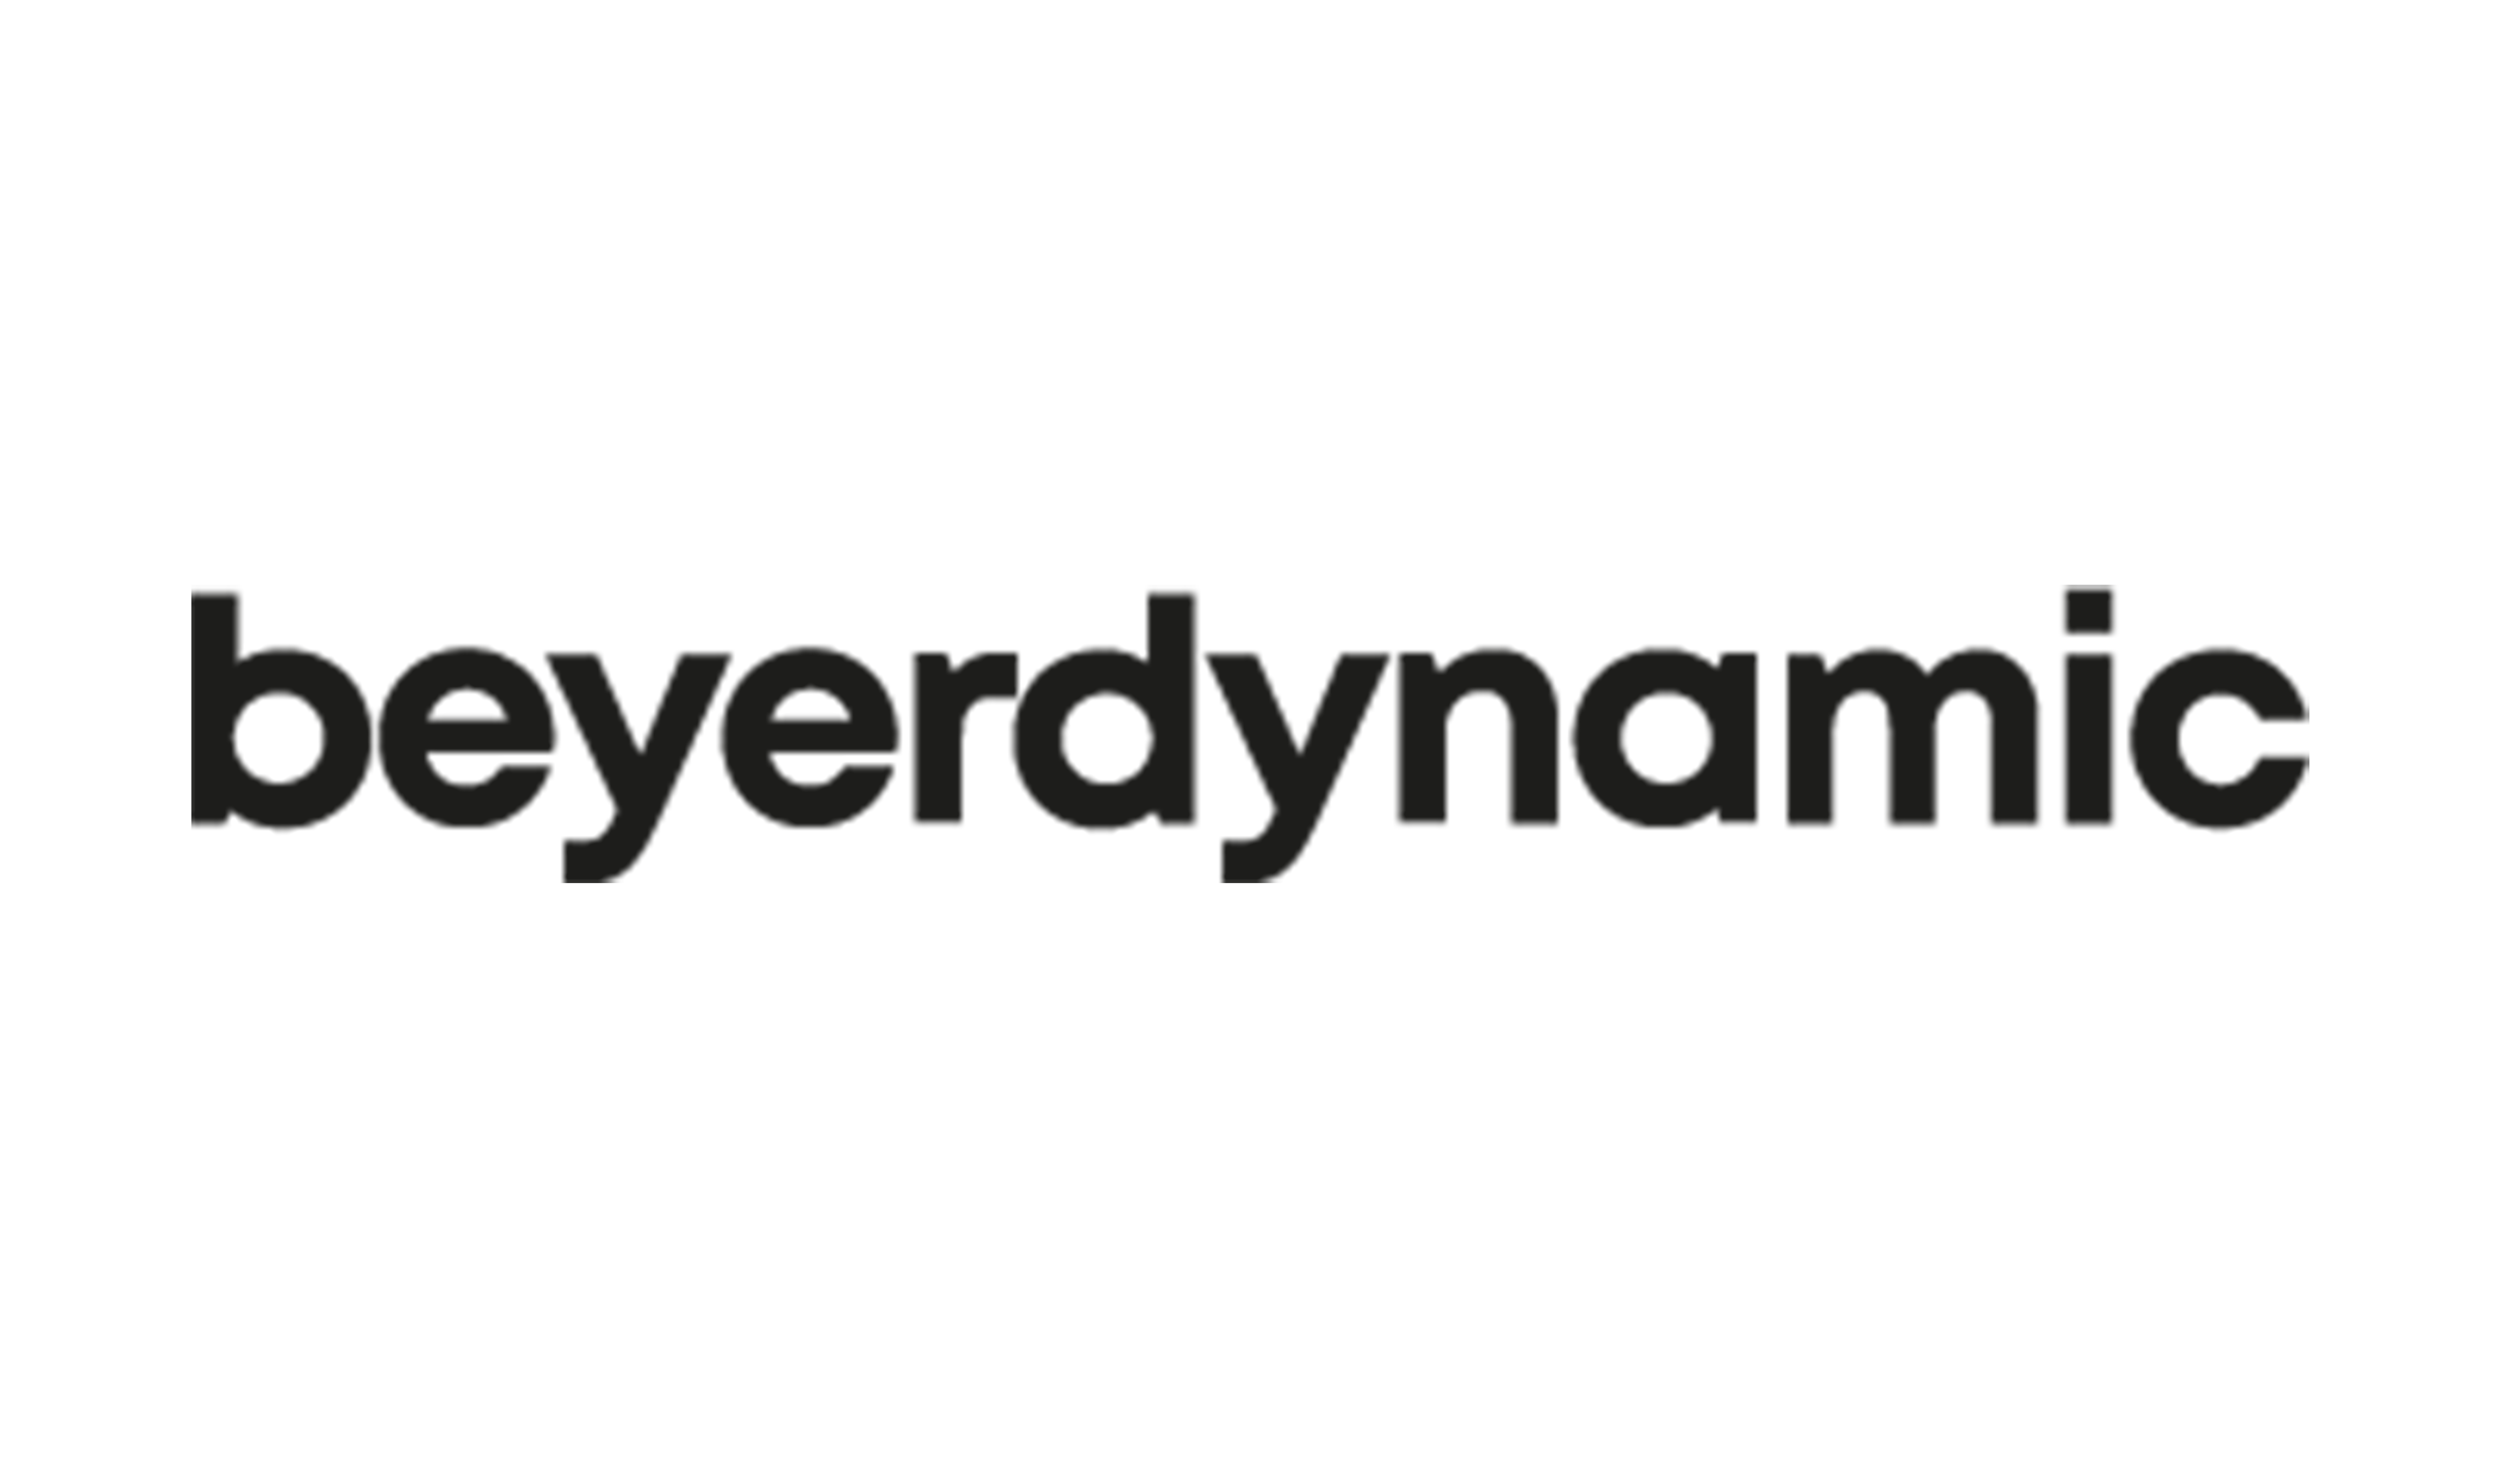 beyerdynamic.png